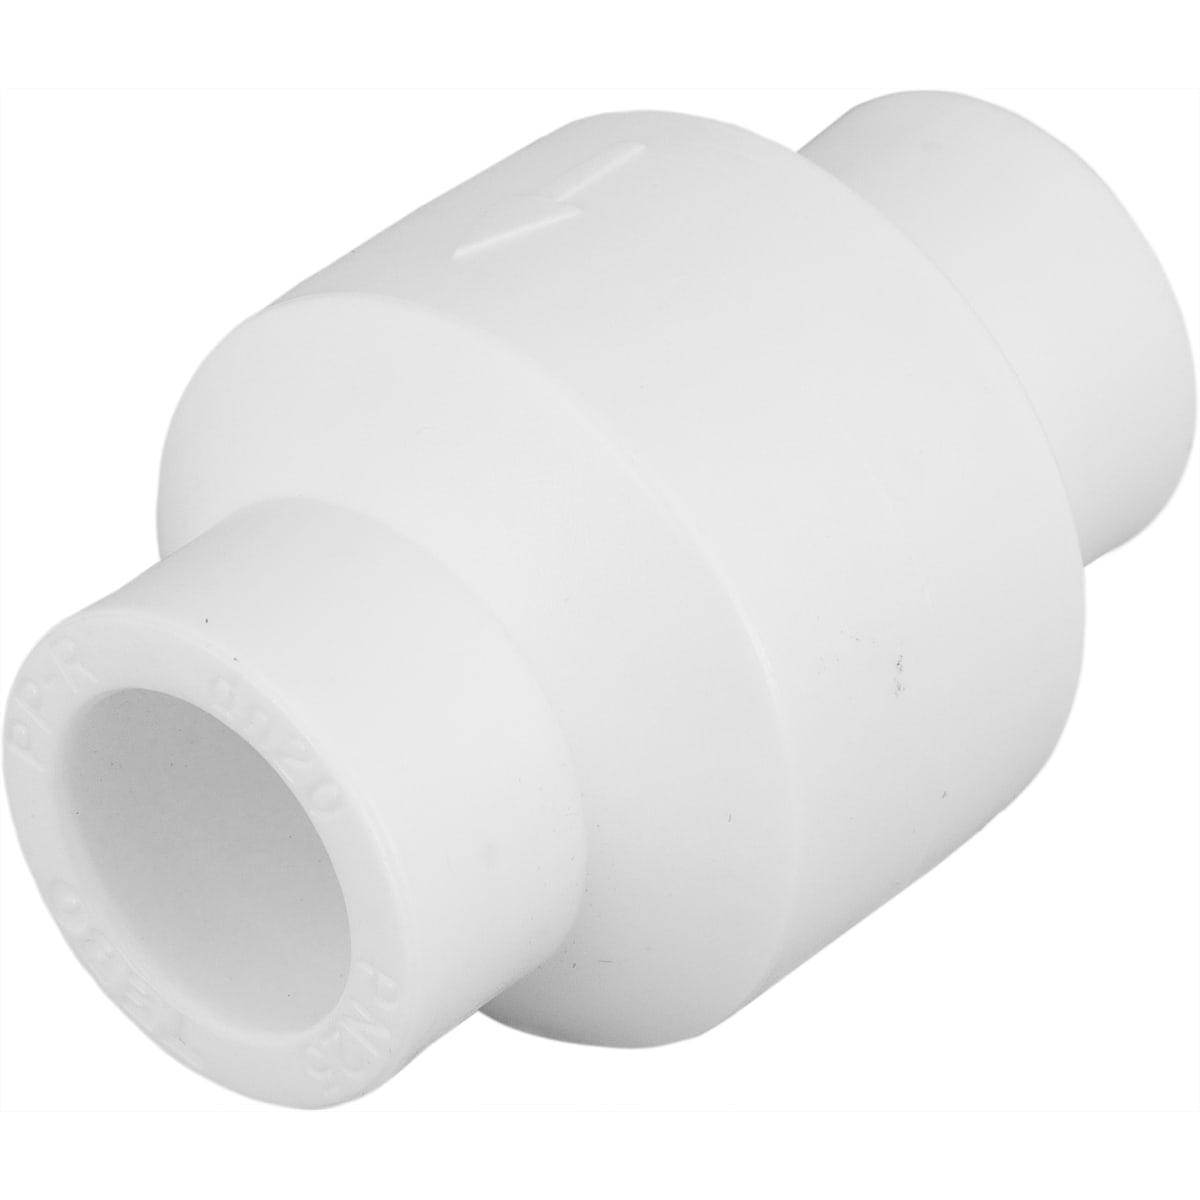 Клапан обратный лепестковый ⌀20 мм полипропилен